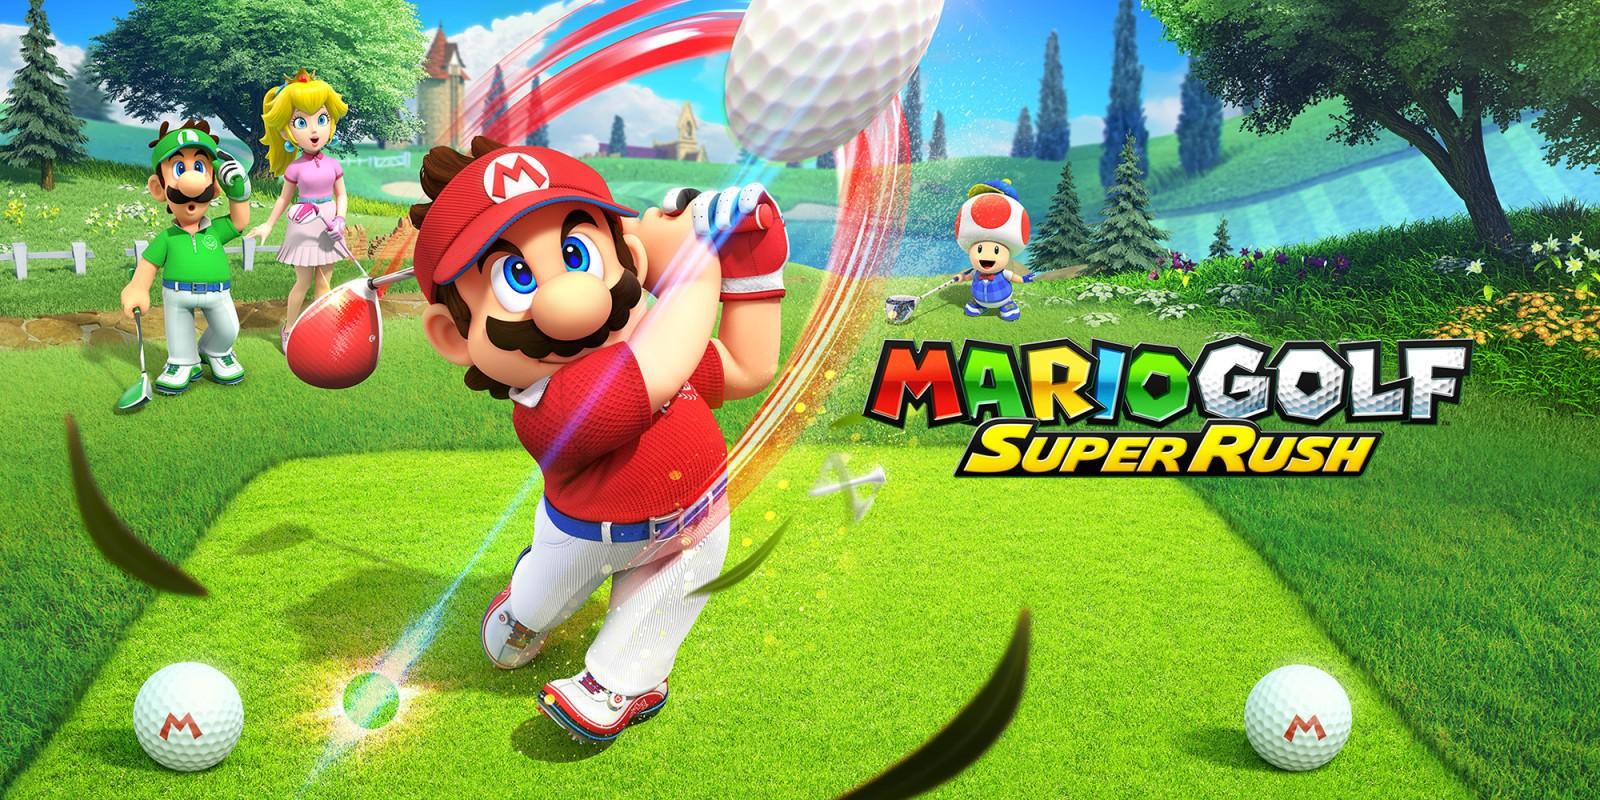 Mario Golf: Super Rush - Ses personnages, un nouveau mode de jeu et bien plus H2x1_n12